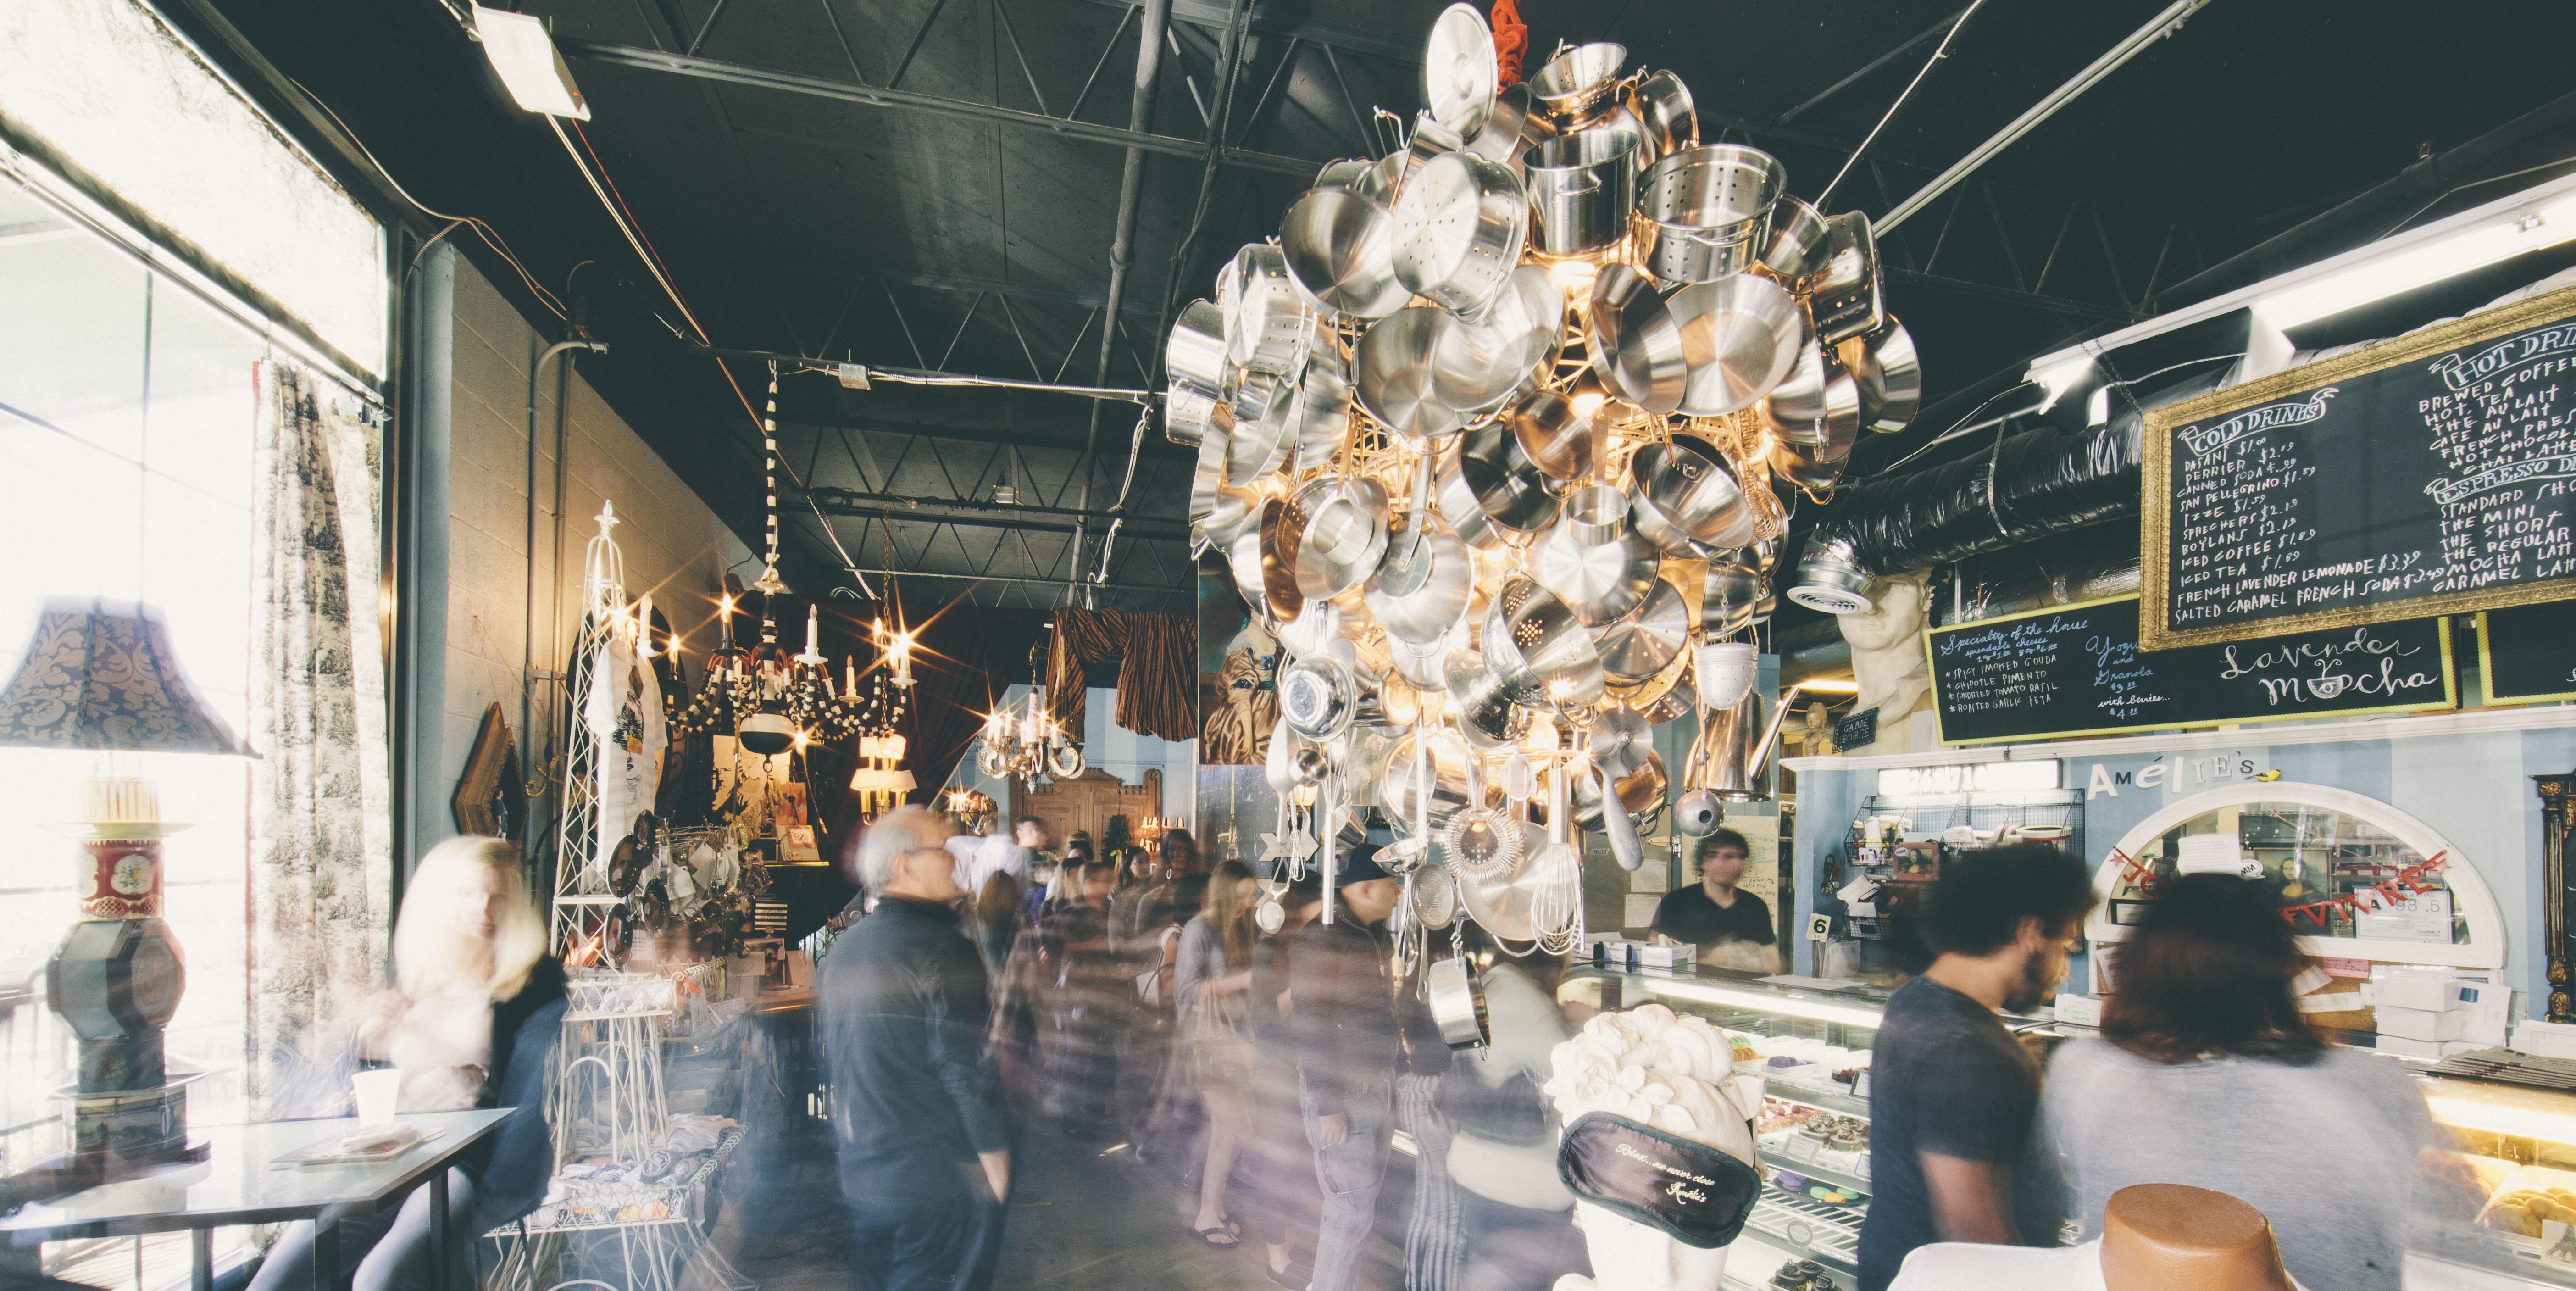 Charlottenoda Amlies French Bakery